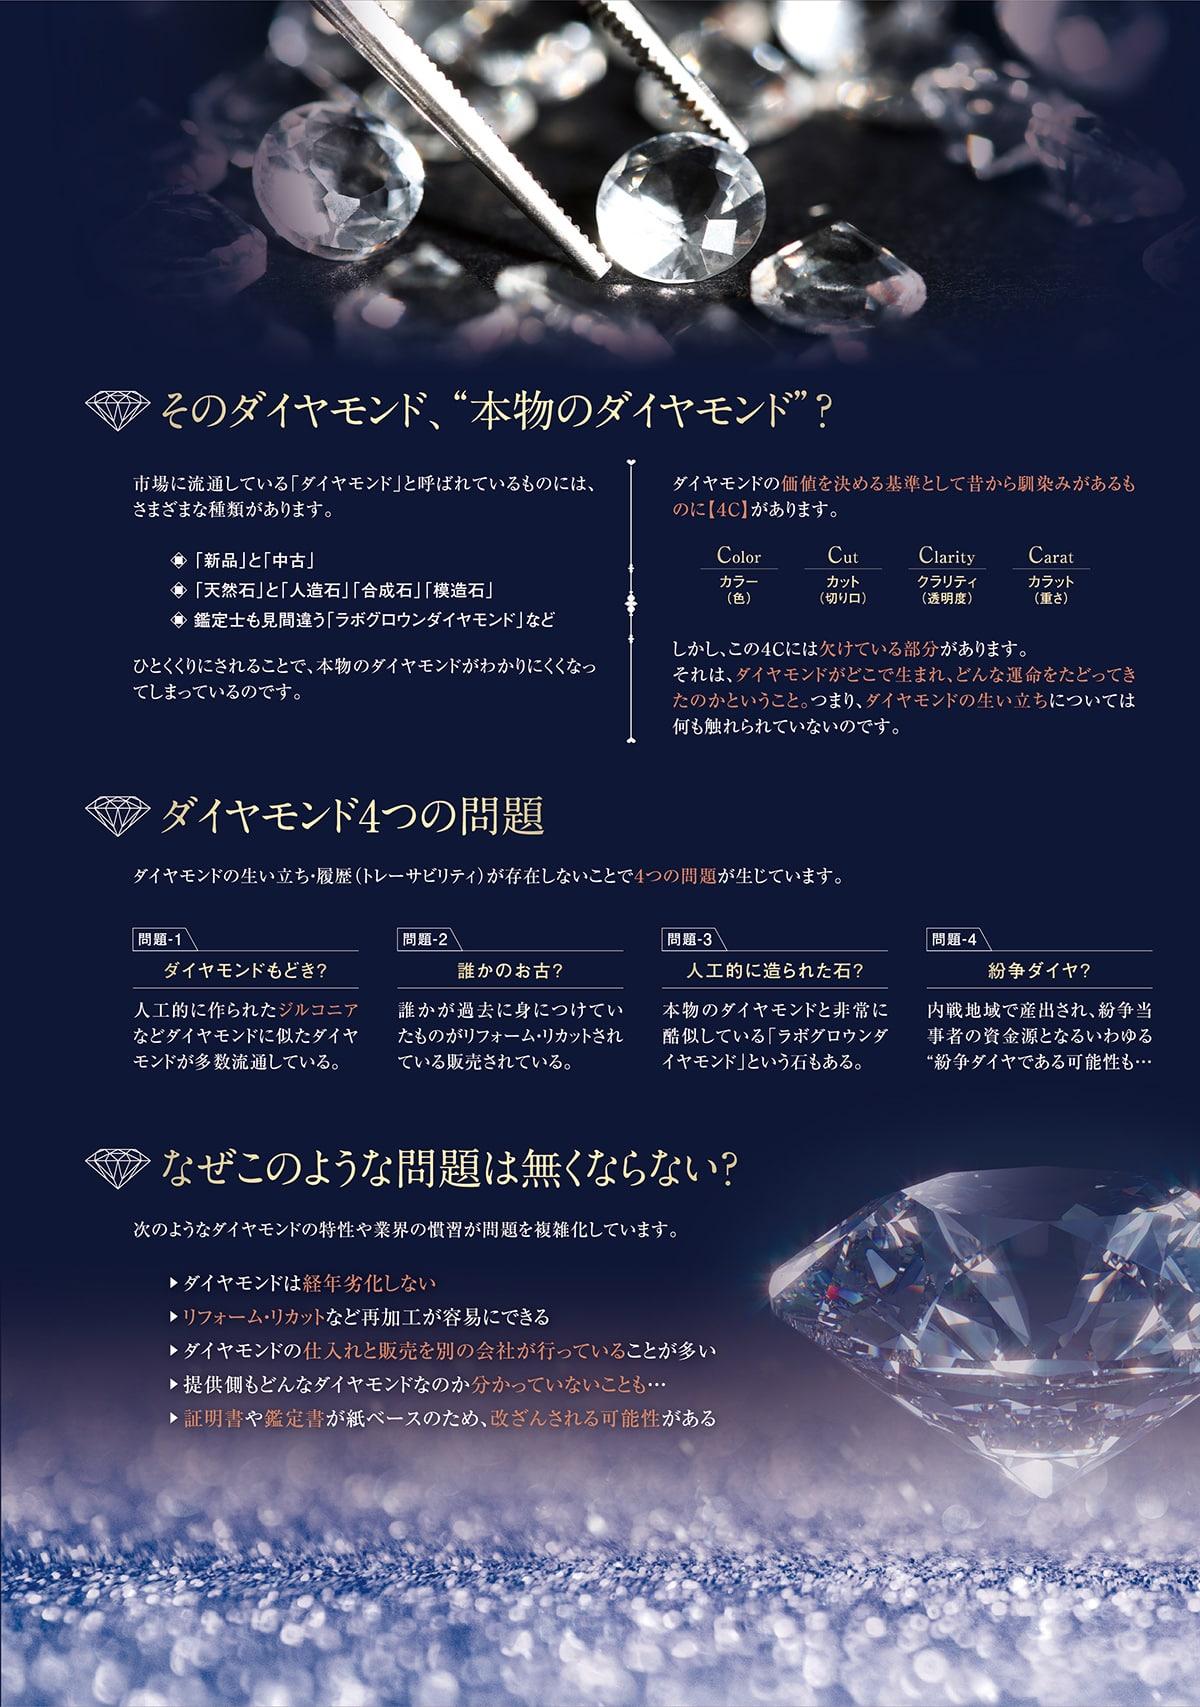 そのダイヤモンド、本物のダイヤモンド?